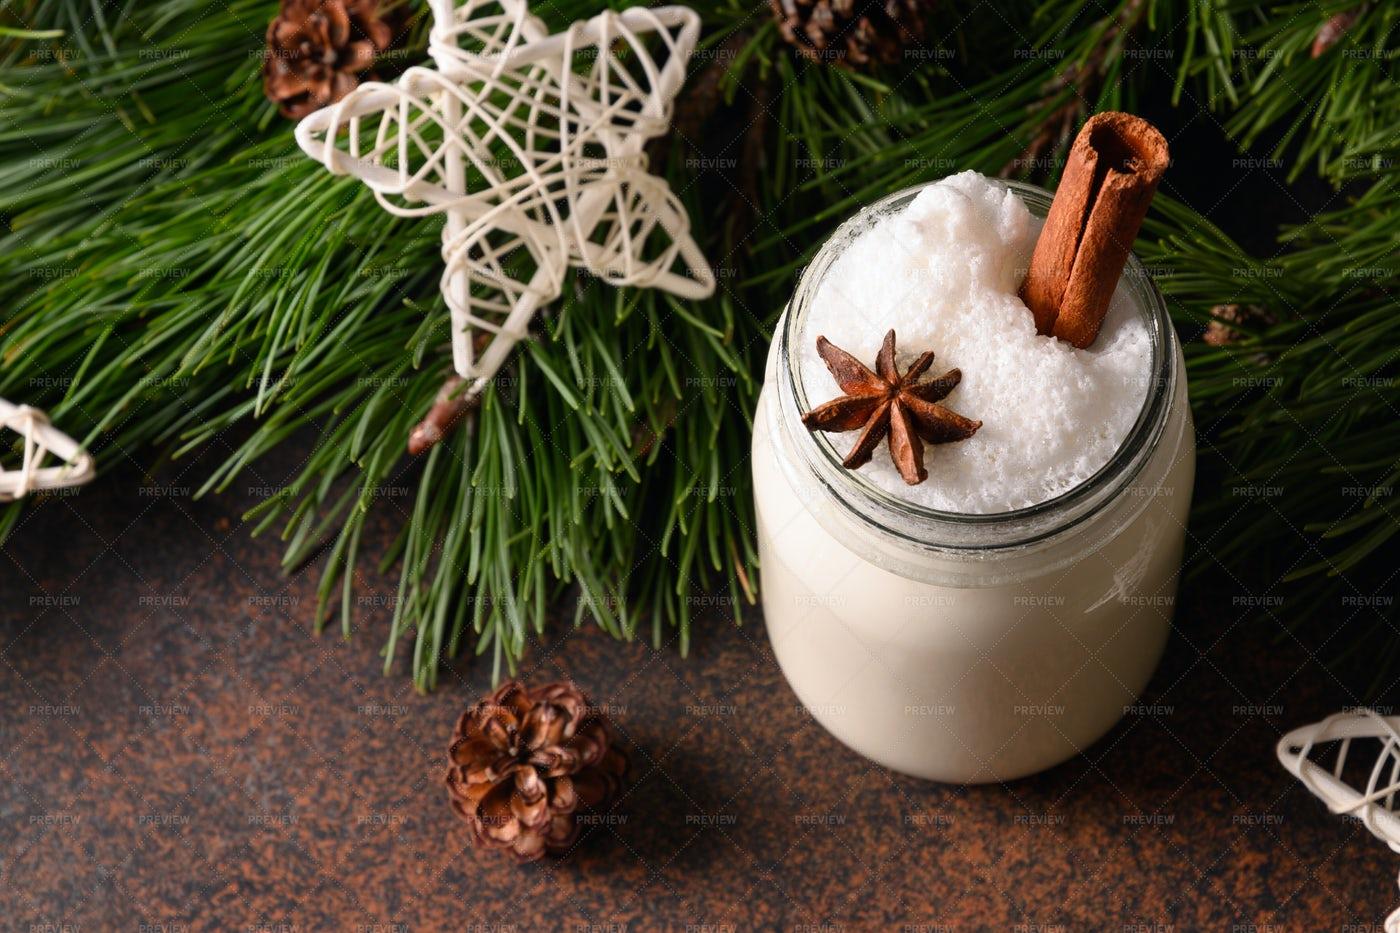 Christmas Eggnog With Cinnamon: Stock Photos